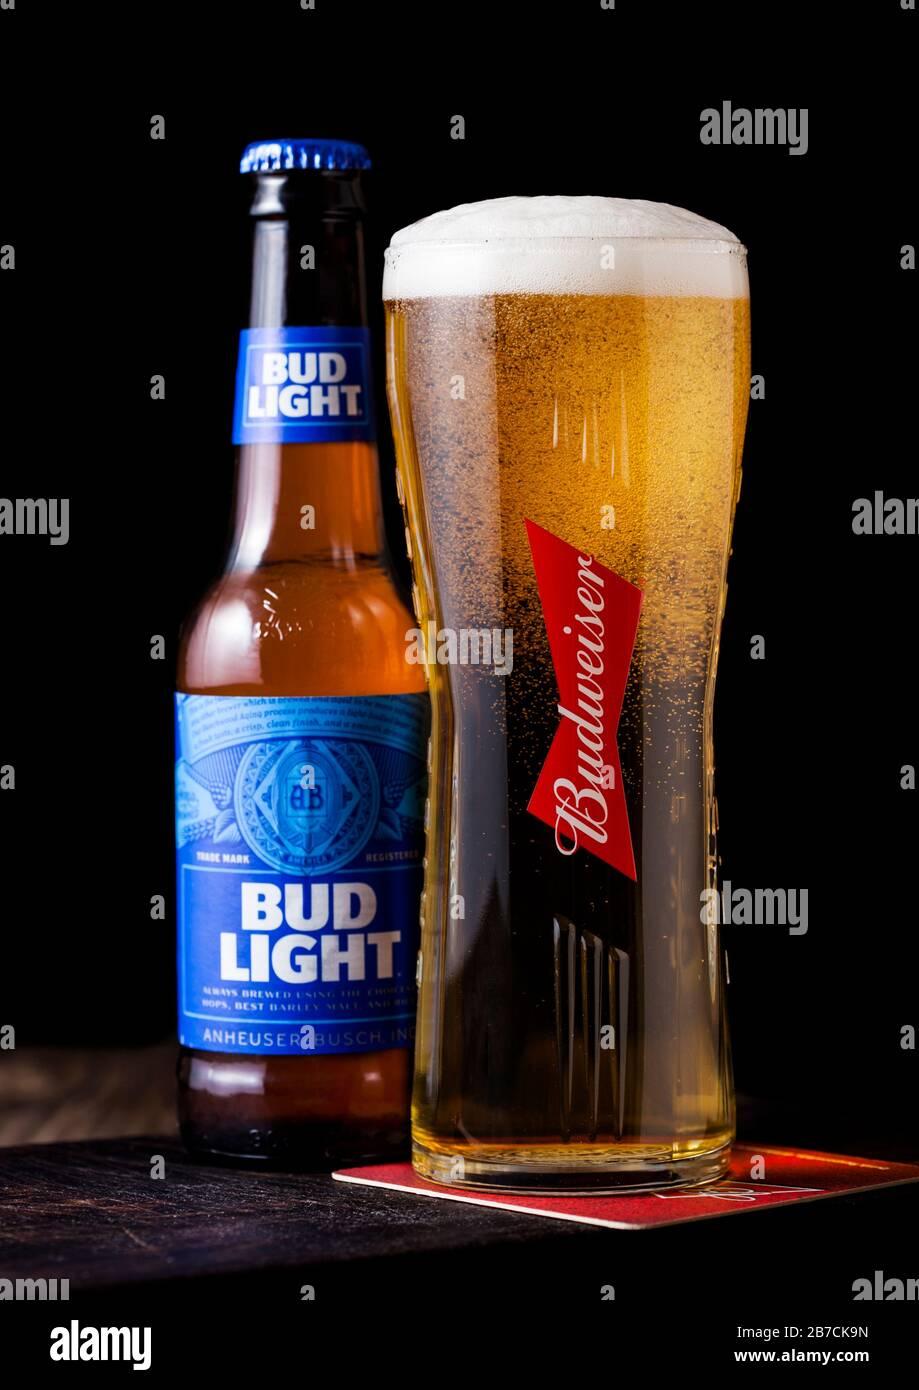 set of 4 Guy Mug budlight Glasses cut from Bud Light Beer Bottles